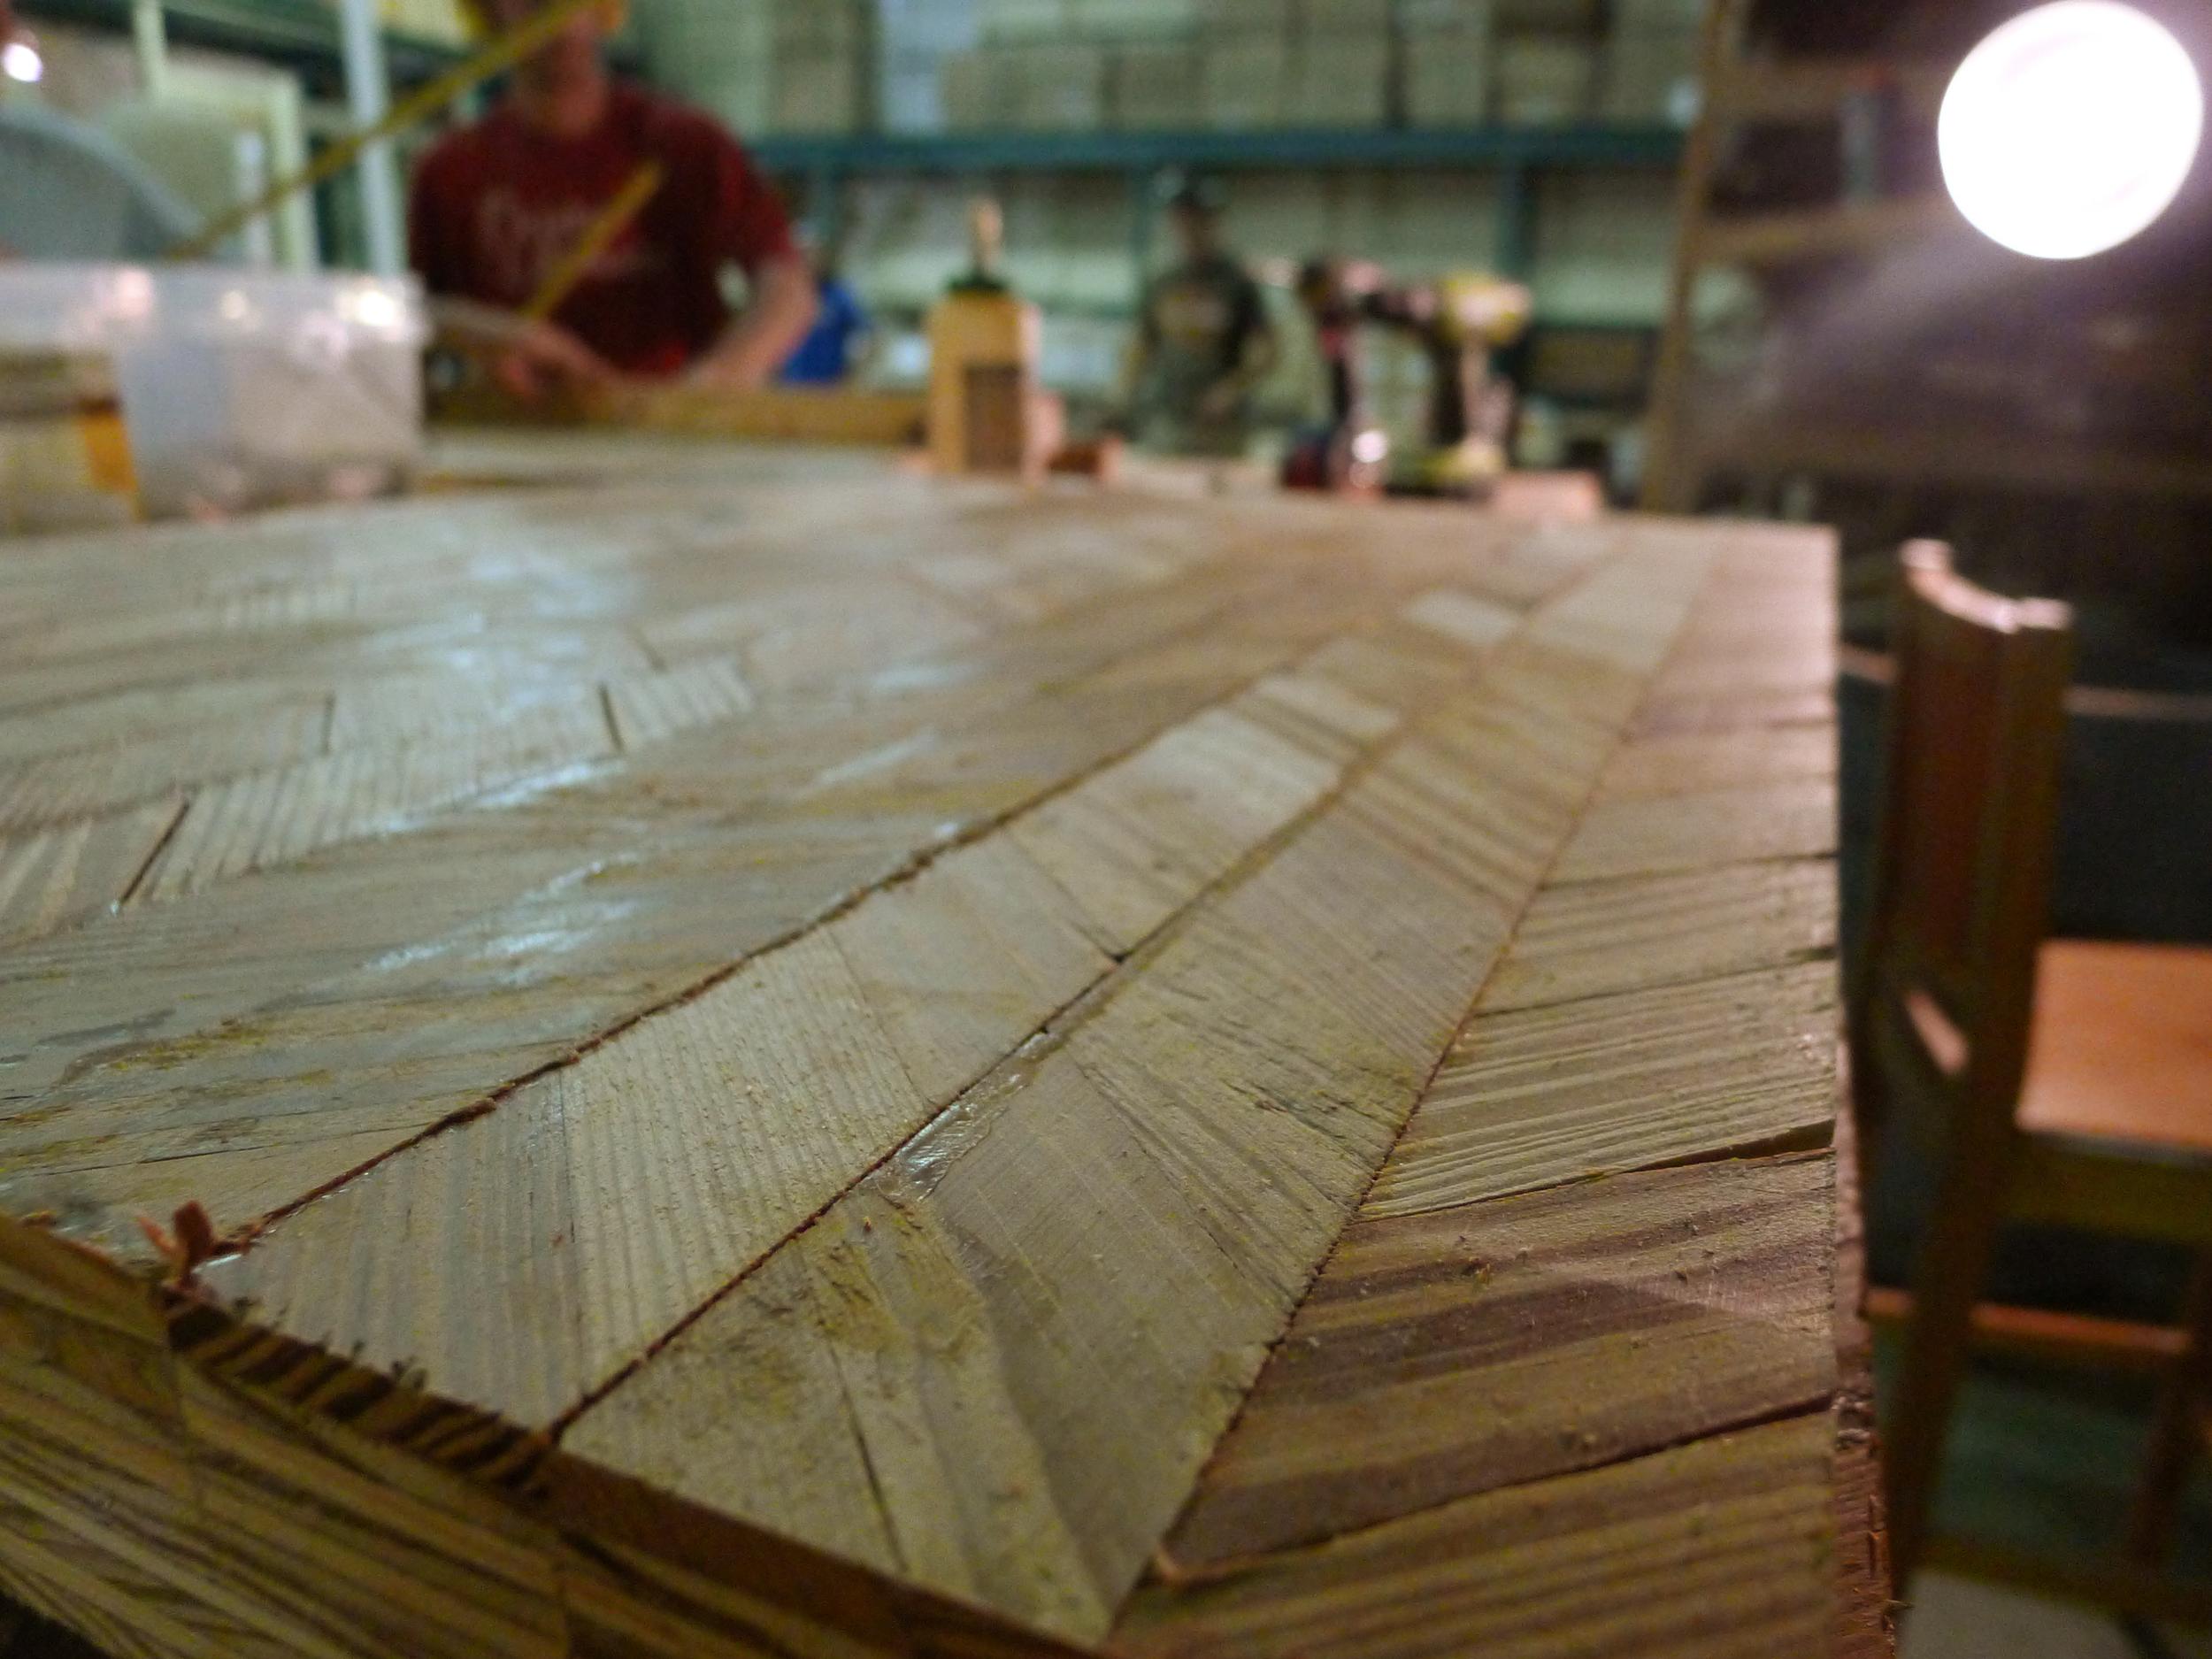 Plaster lathe mosaic production under way!